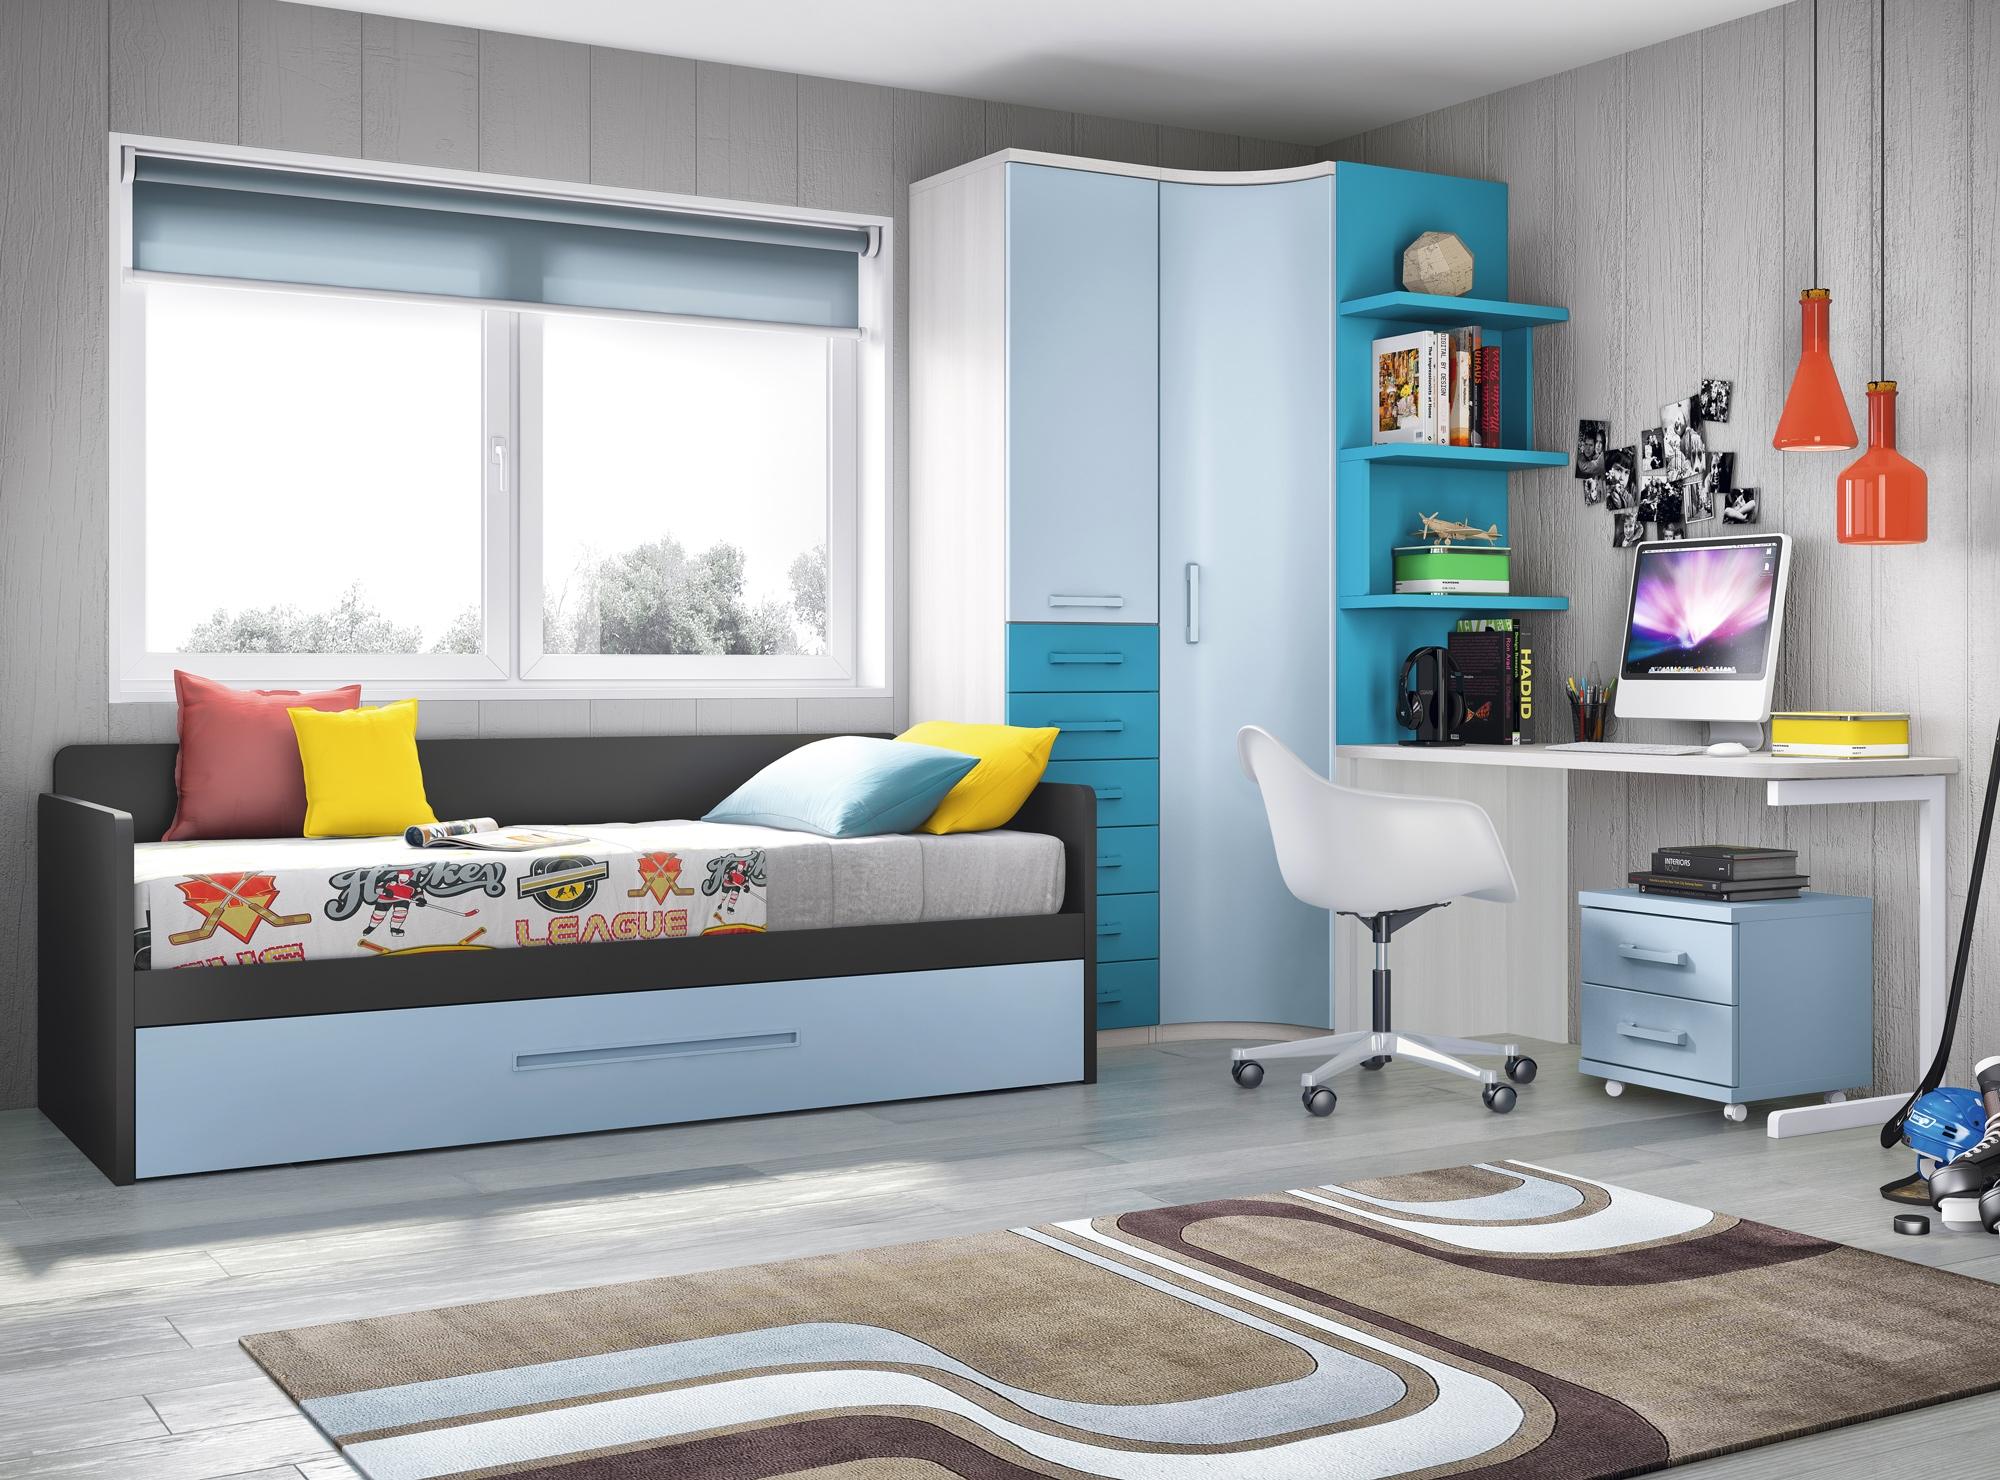 Chambre ado garcon avec armoire courbe pratique glicerio - Modele de chambre ado garcon ...